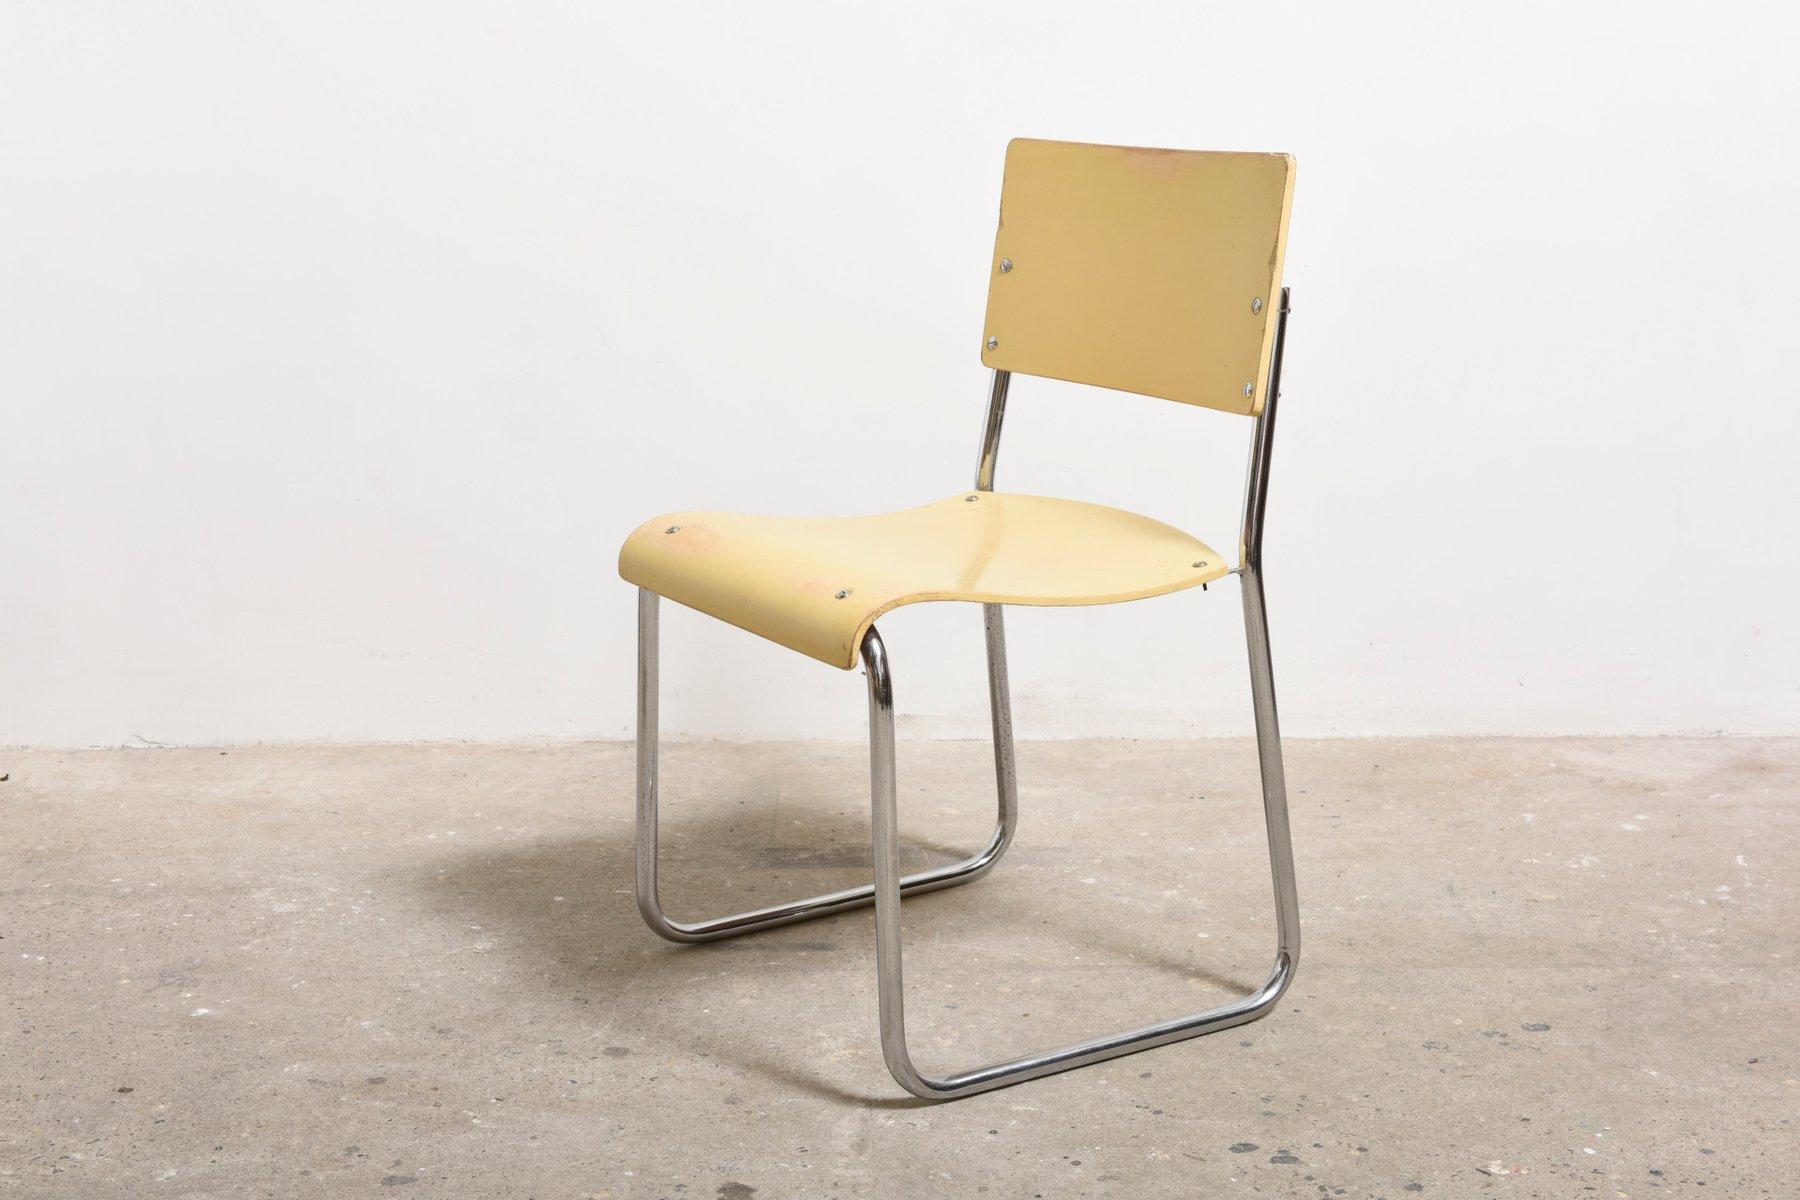 art d co bauhaus st hle deutschland 1920er 6er set bei. Black Bedroom Furniture Sets. Home Design Ideas